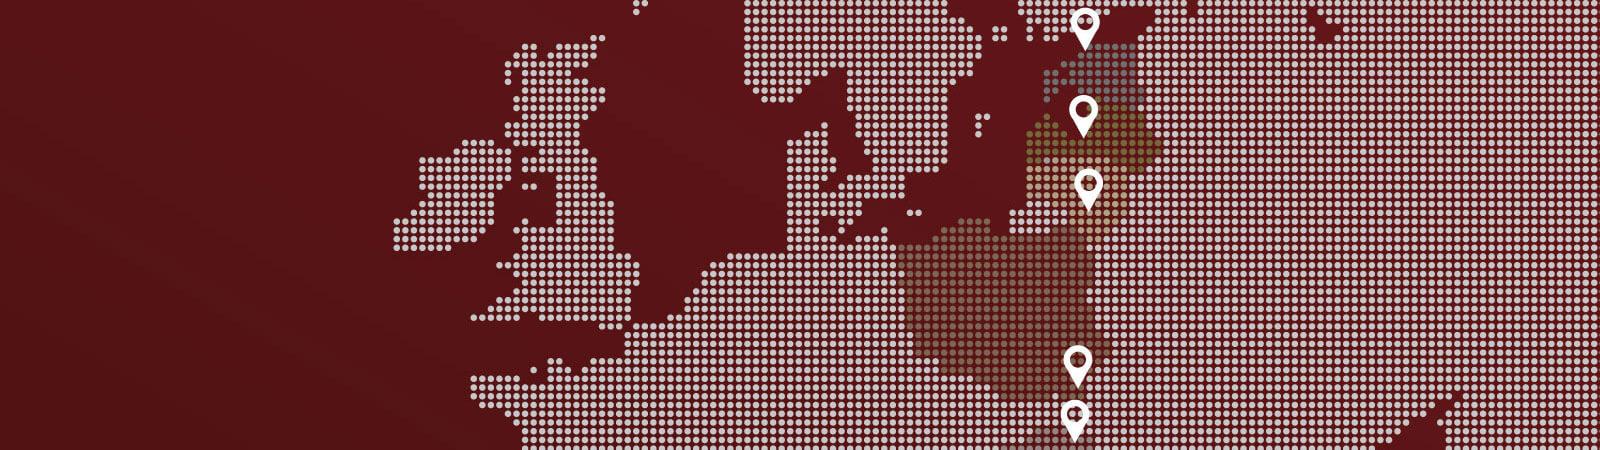 Baltikumi turnéra indul a Nyírség Táncegyüttes